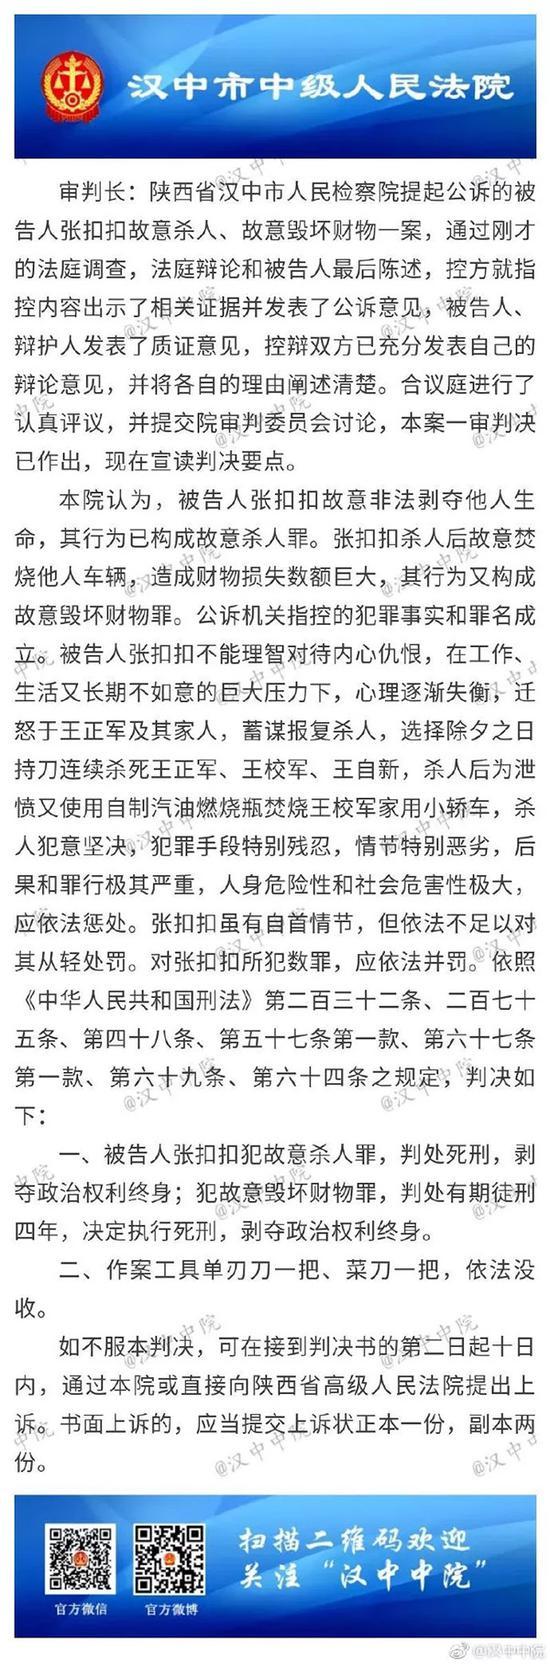 陕西省汉中市人民检察院公诉意见书